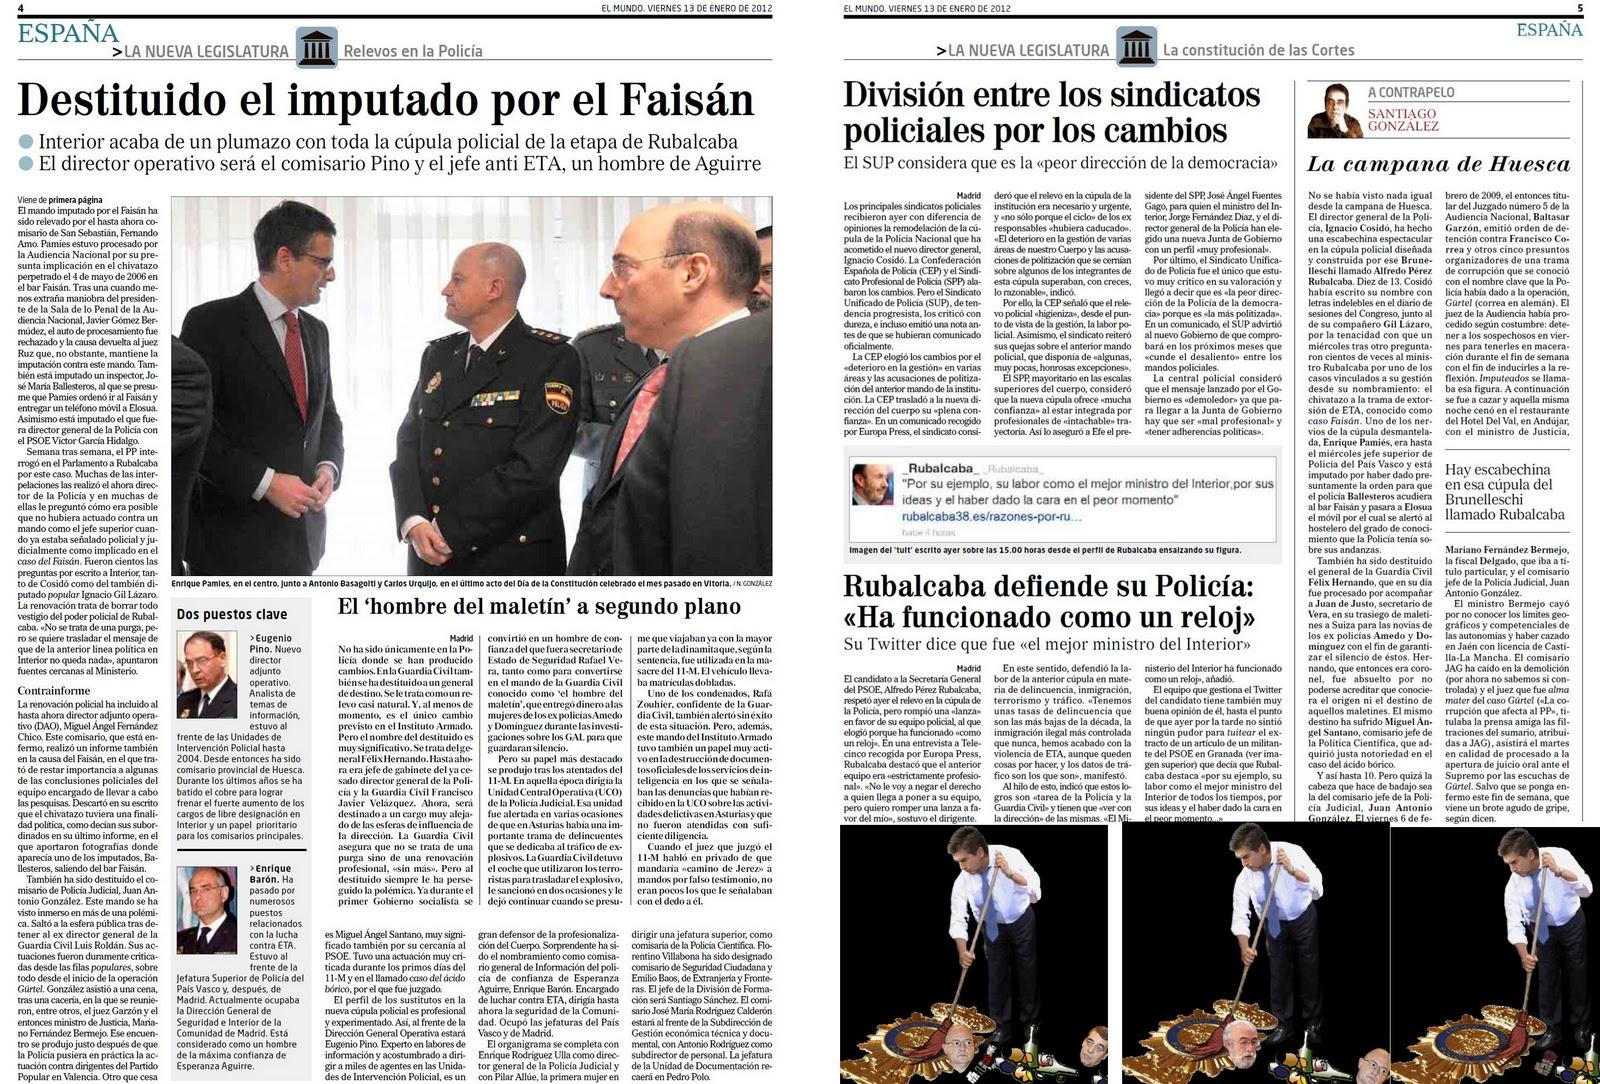 Ignacio Cosidó fulmina la camarilla policial socialista a la que el PSOE encargaba cometer delitos en lugar de perseguirlos